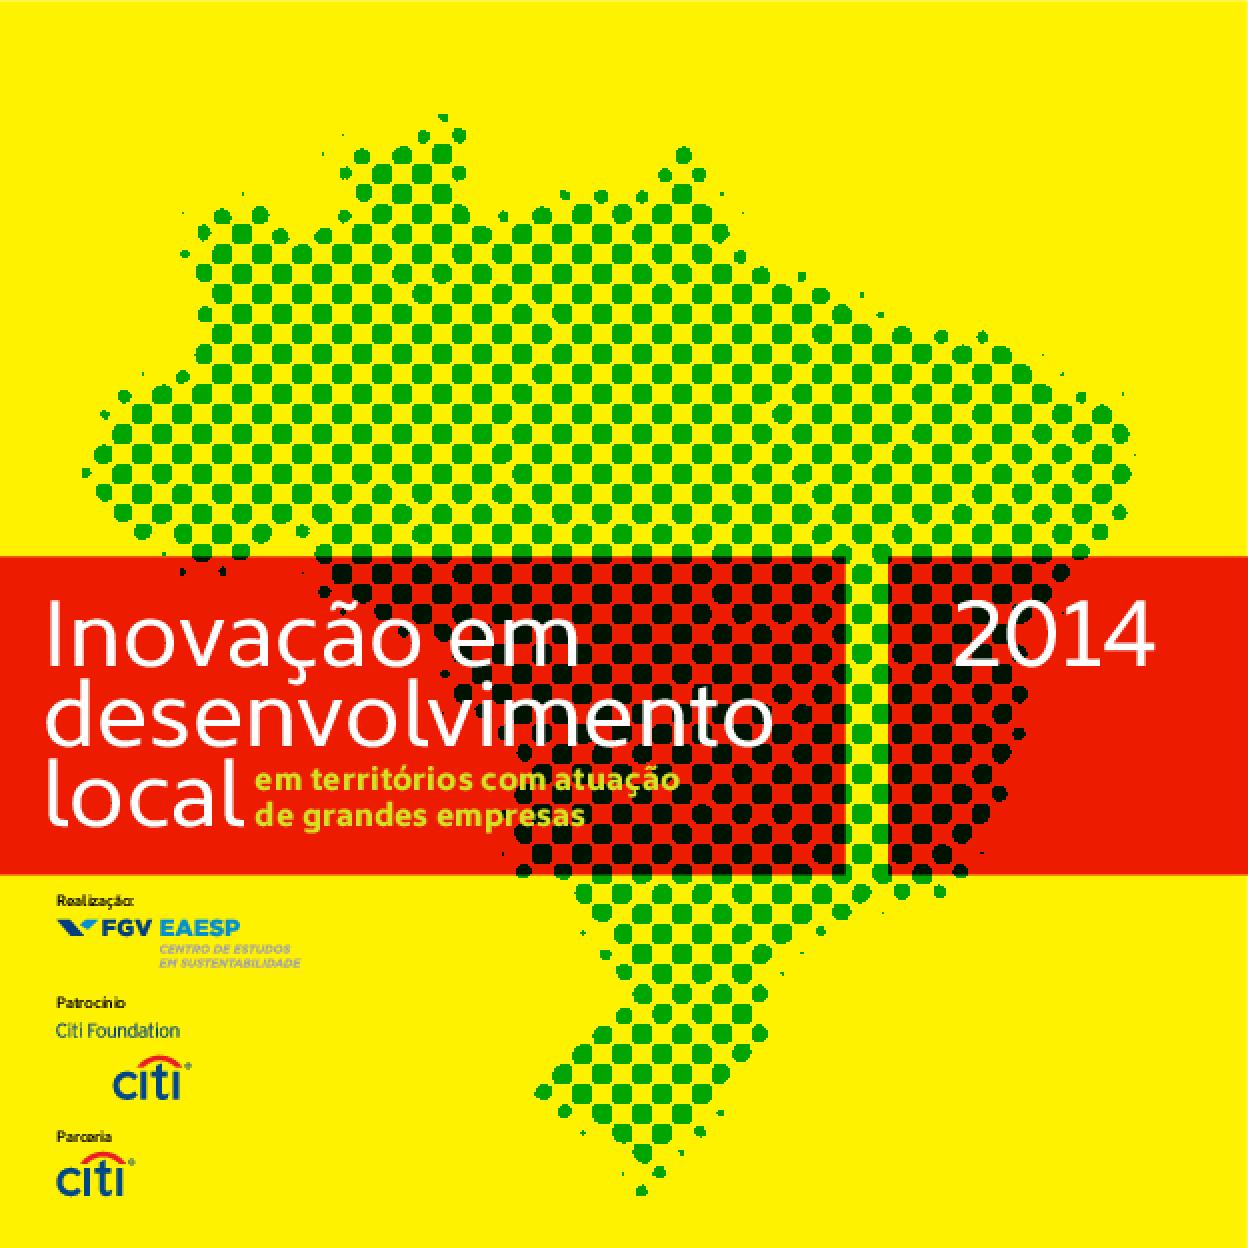 Inovação em desenvolvimento local: em territórios com atuação de grandes empresas